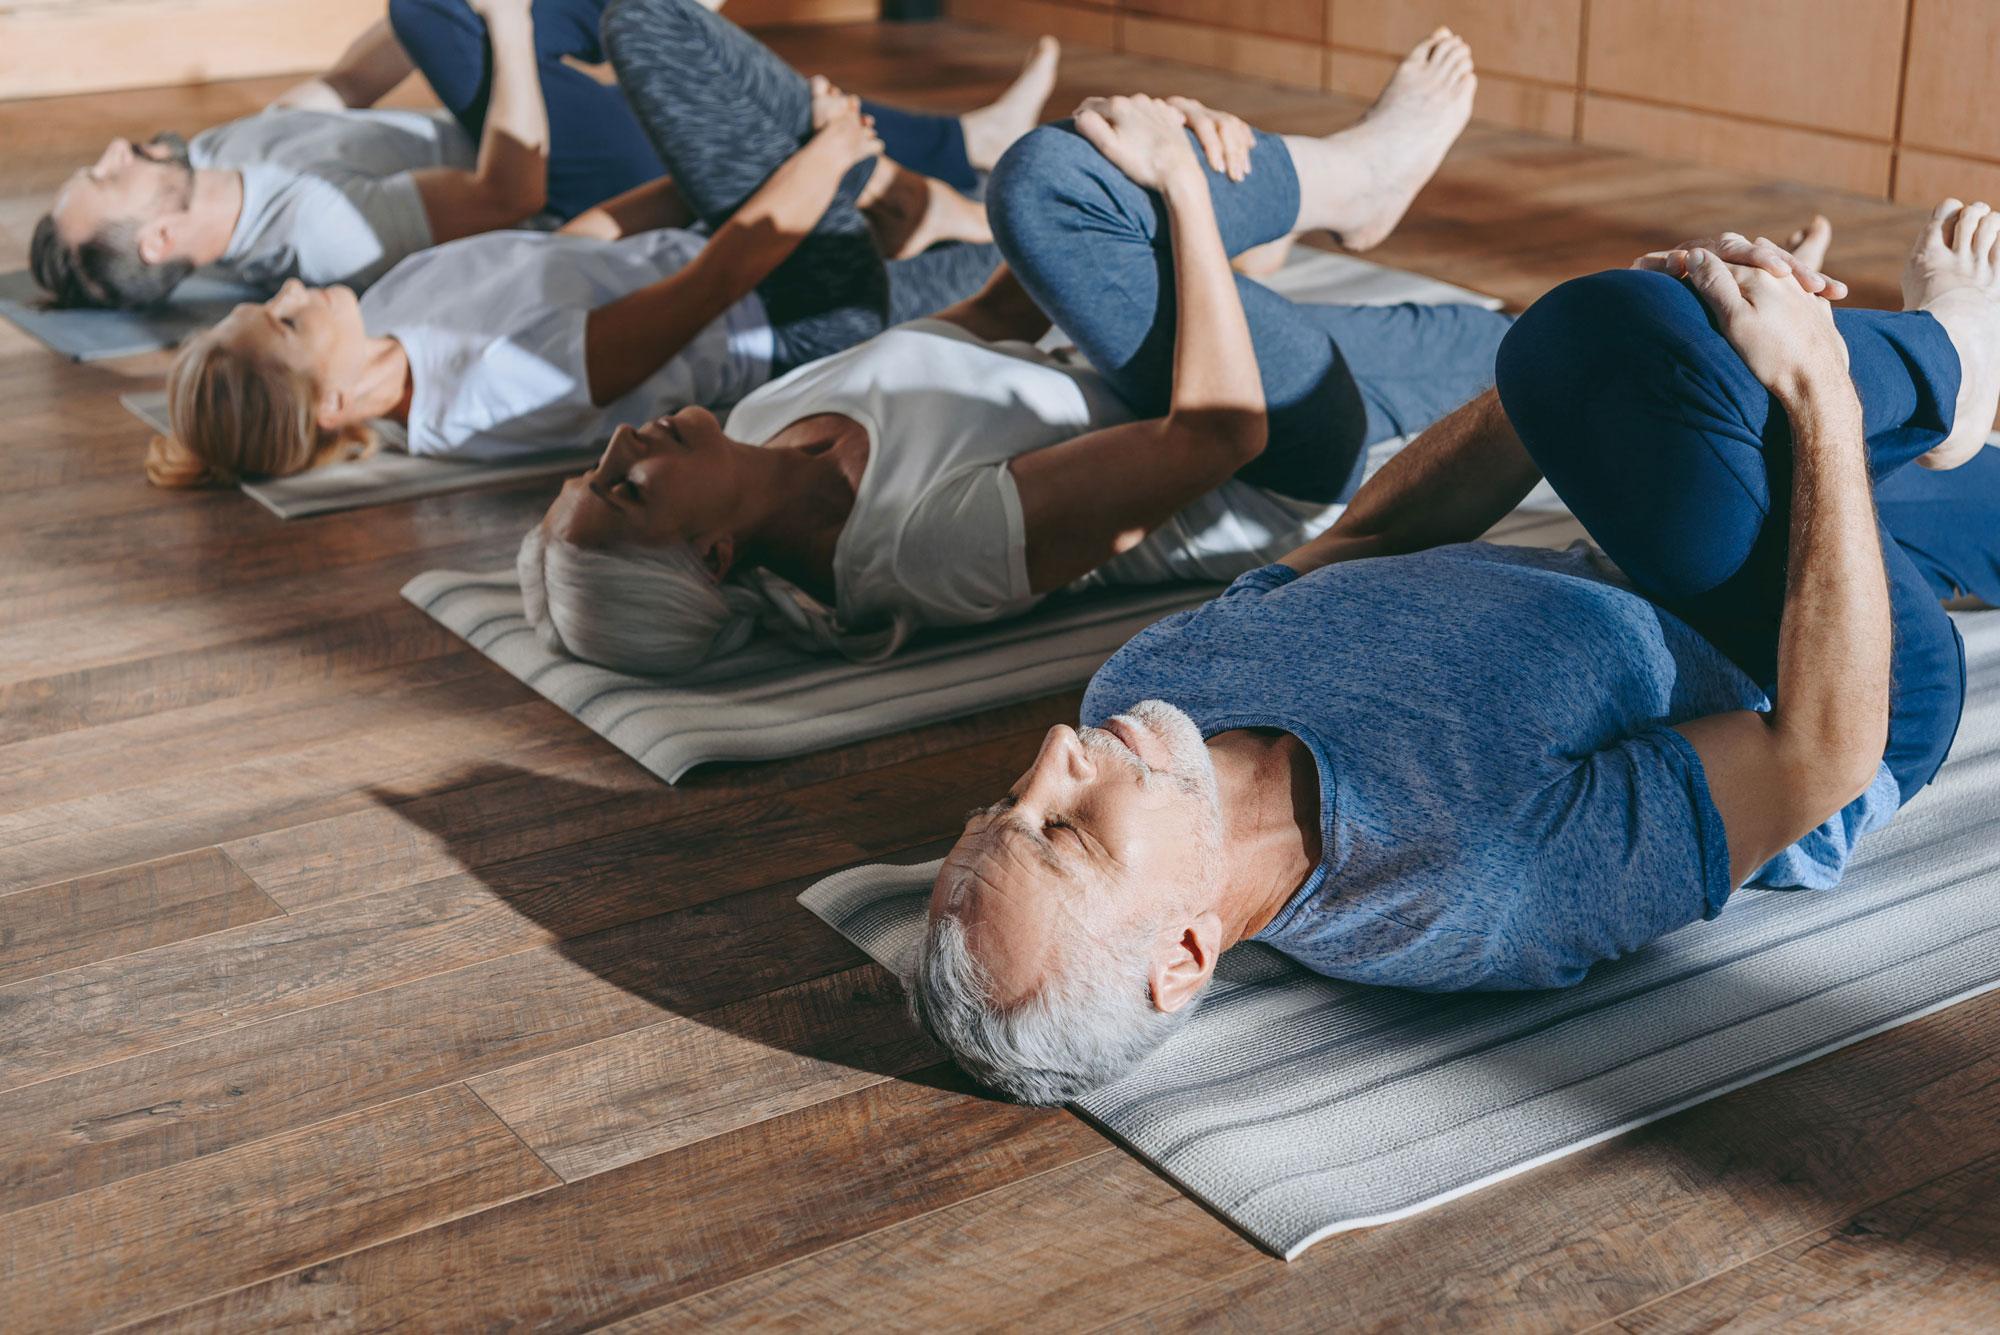 Eldre mennesker ligger på matte og gjør øvelser. Foto